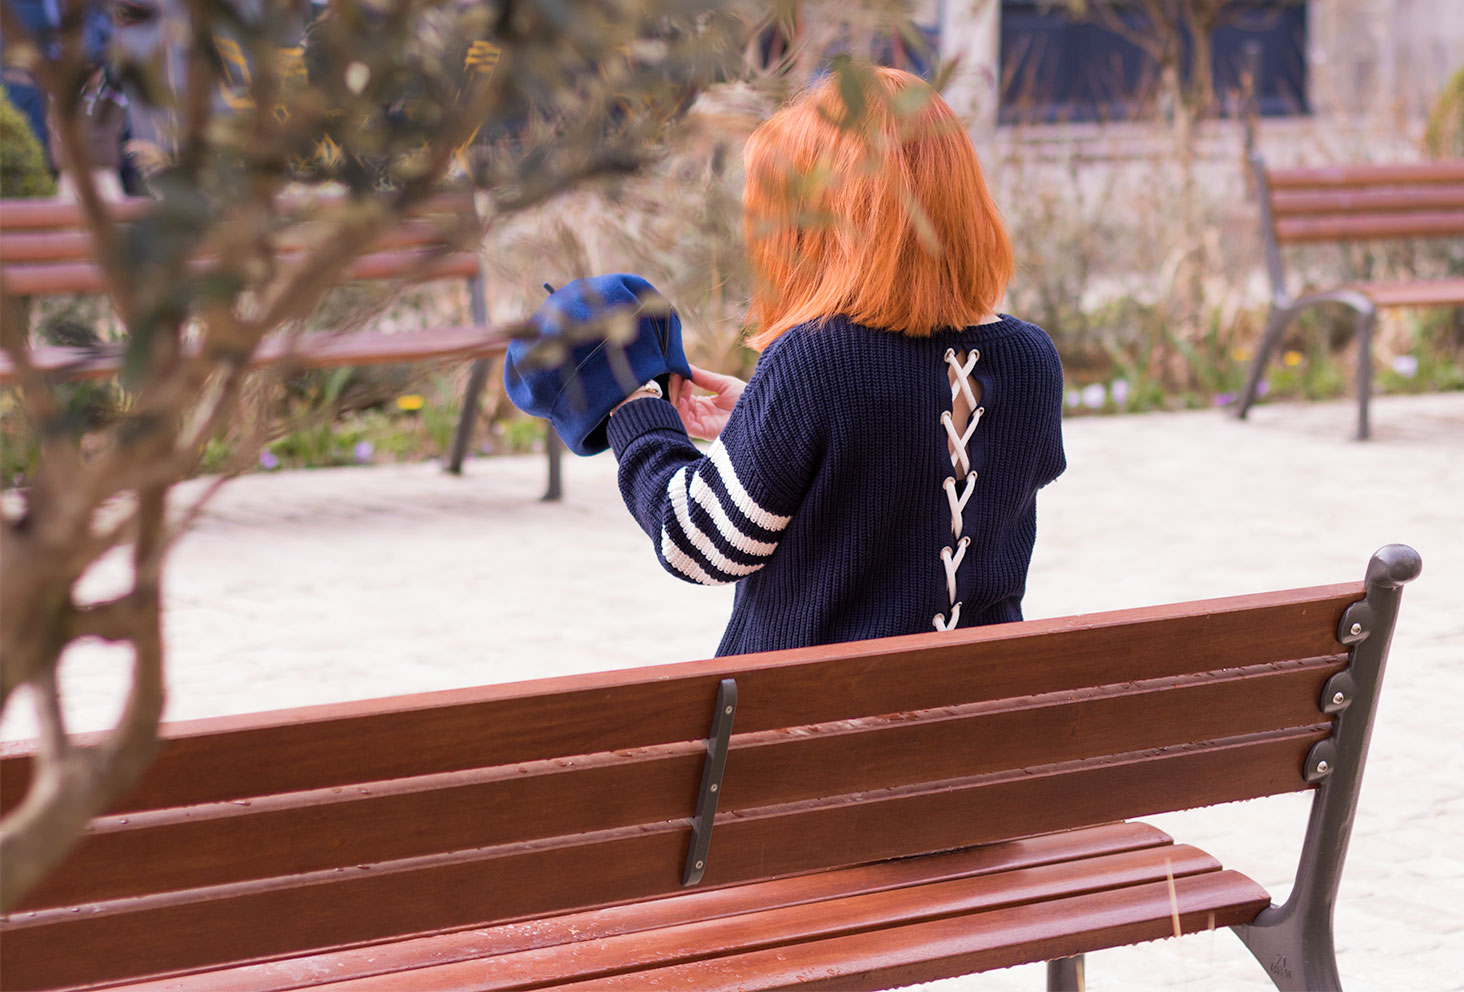 Le dos ouvert du pull bleu Etam assise sur un banc avec un béret dans les mains